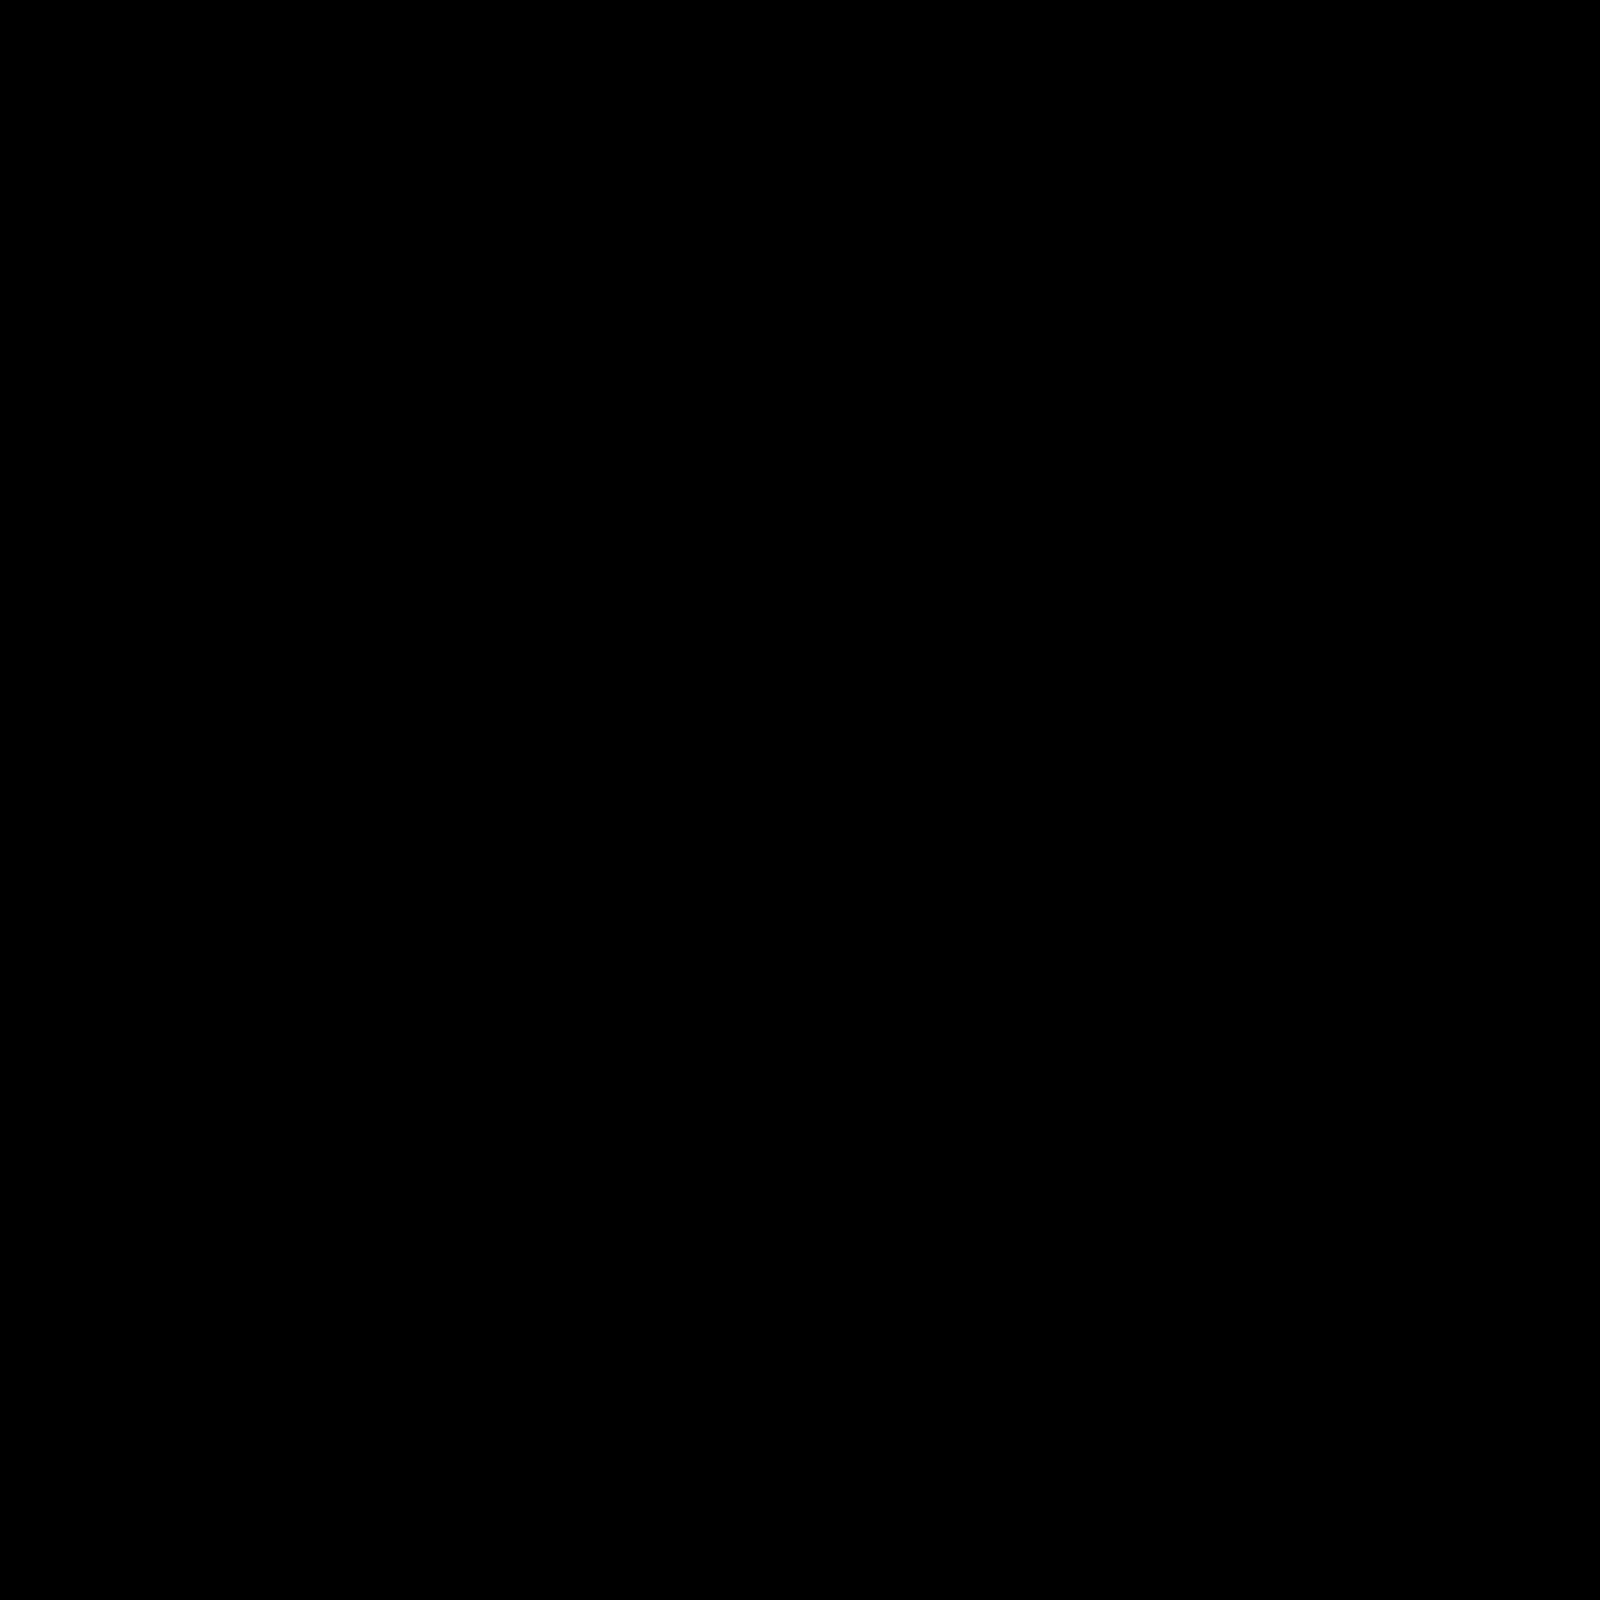 Głowa Cylonów nowa icon